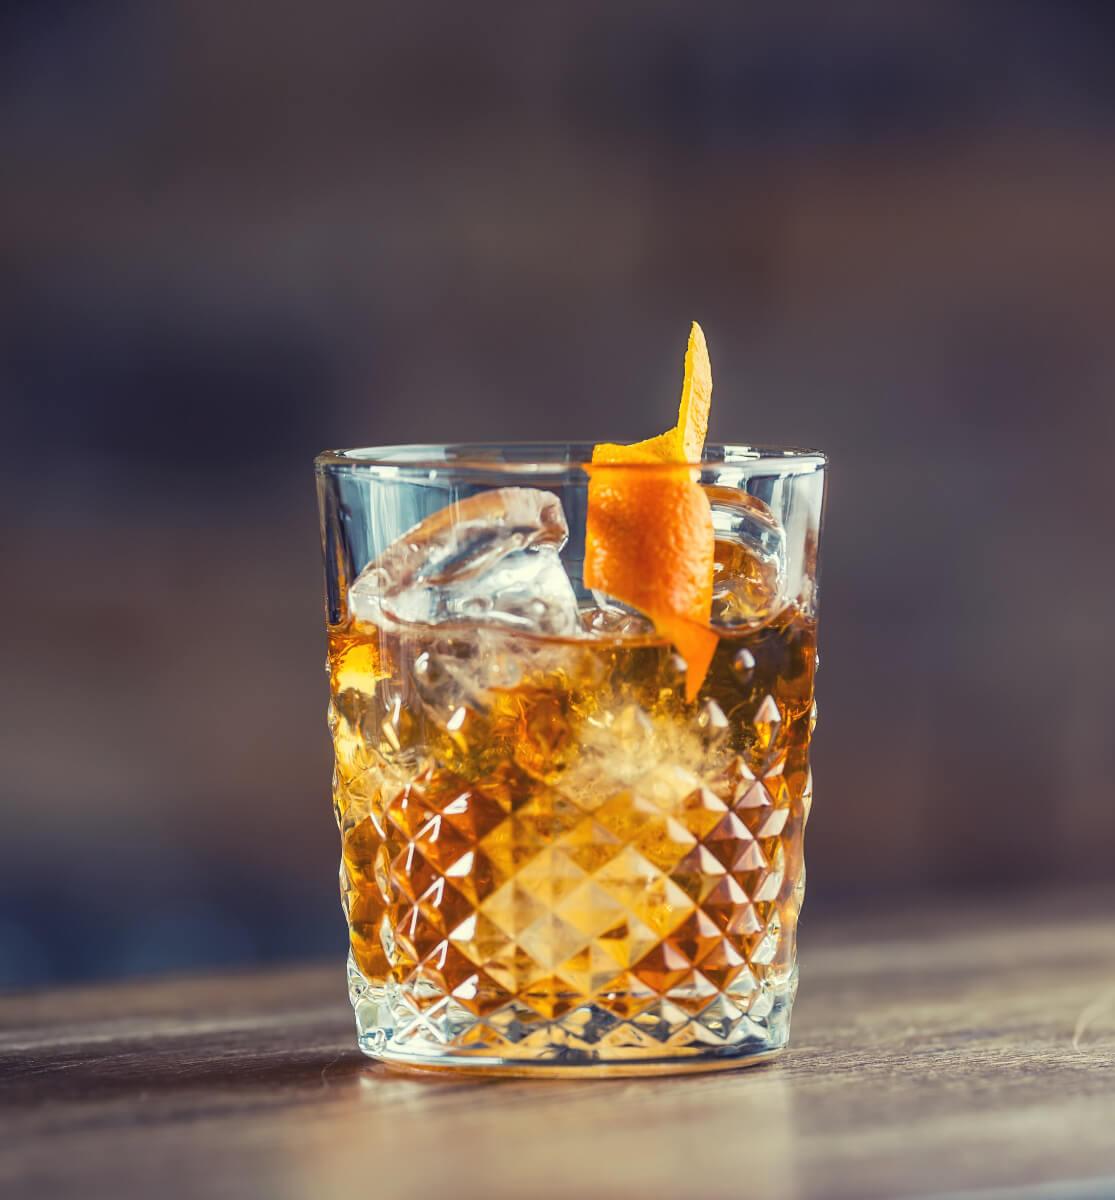 Old Fashioned Cocktail mit Rum in einem Tumbler mit Orangenschale